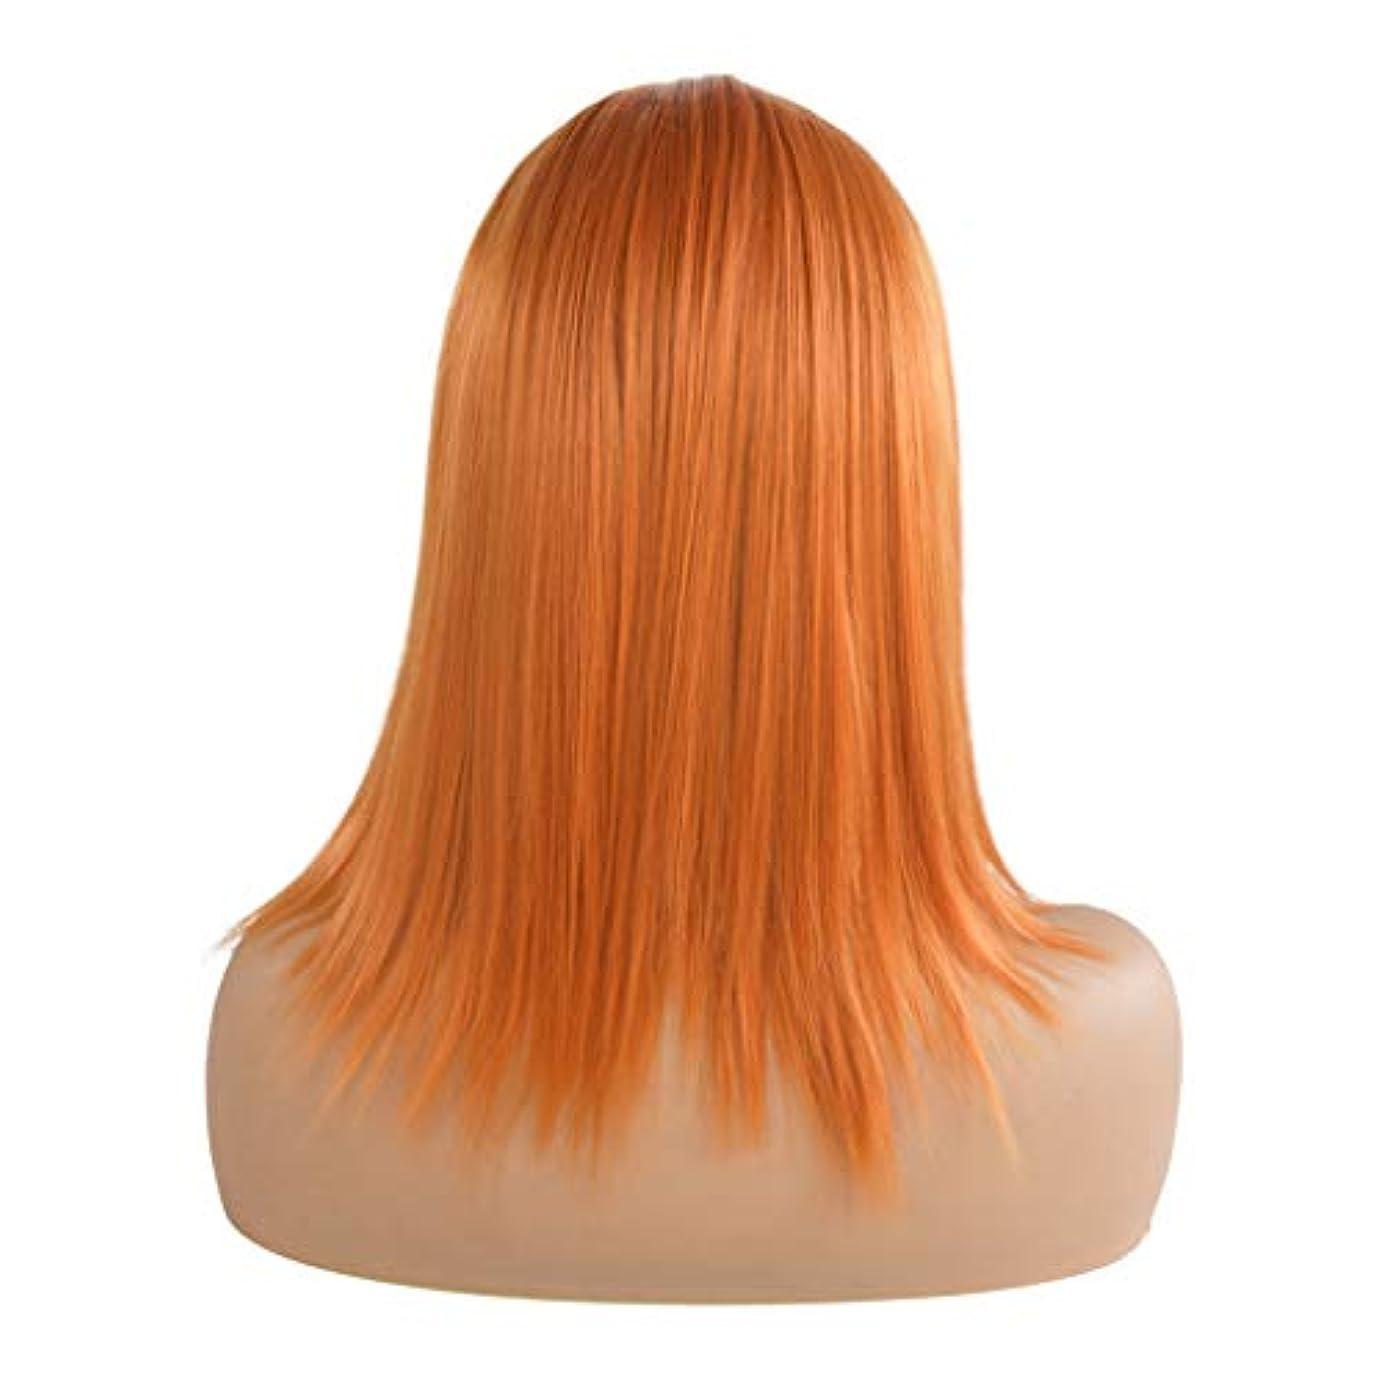 さらに文芸ぶら下がるウィッグオレンジショートストレートヘアフロントレースファッションウィッグ18インチ